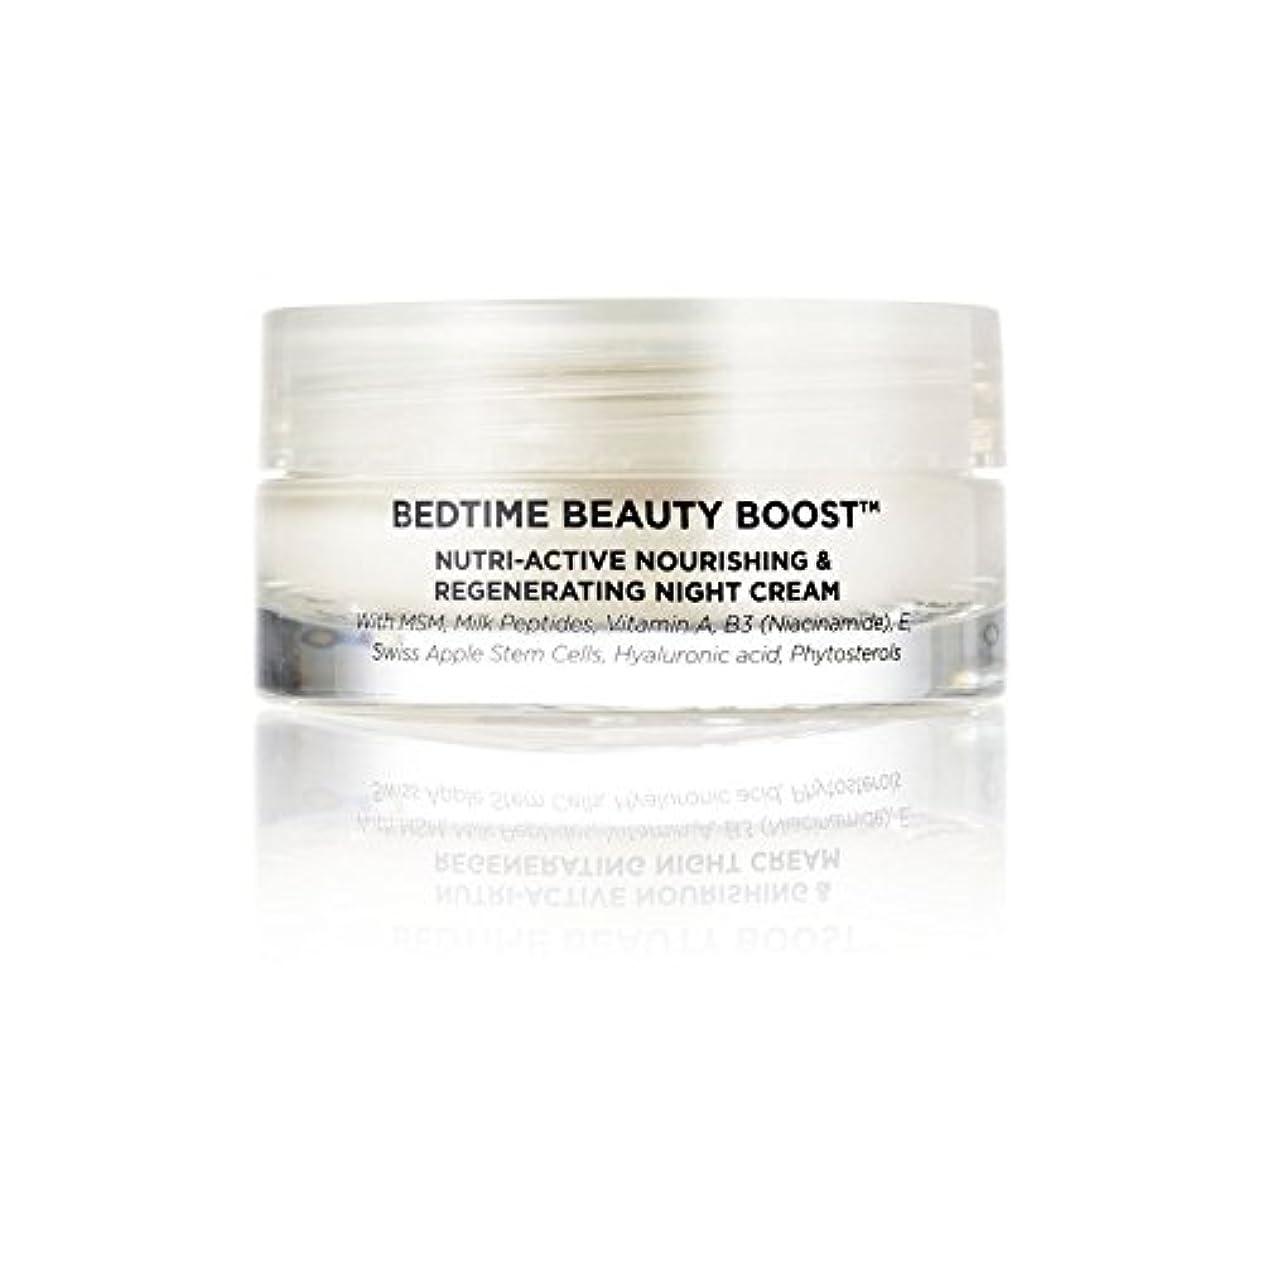 実験的節約する工夫する就寝時の美しさブースト(50ミリリットル) x4 - Oskia Bedtime Beauty Boost (50ml) (Pack of 4) [並行輸入品]